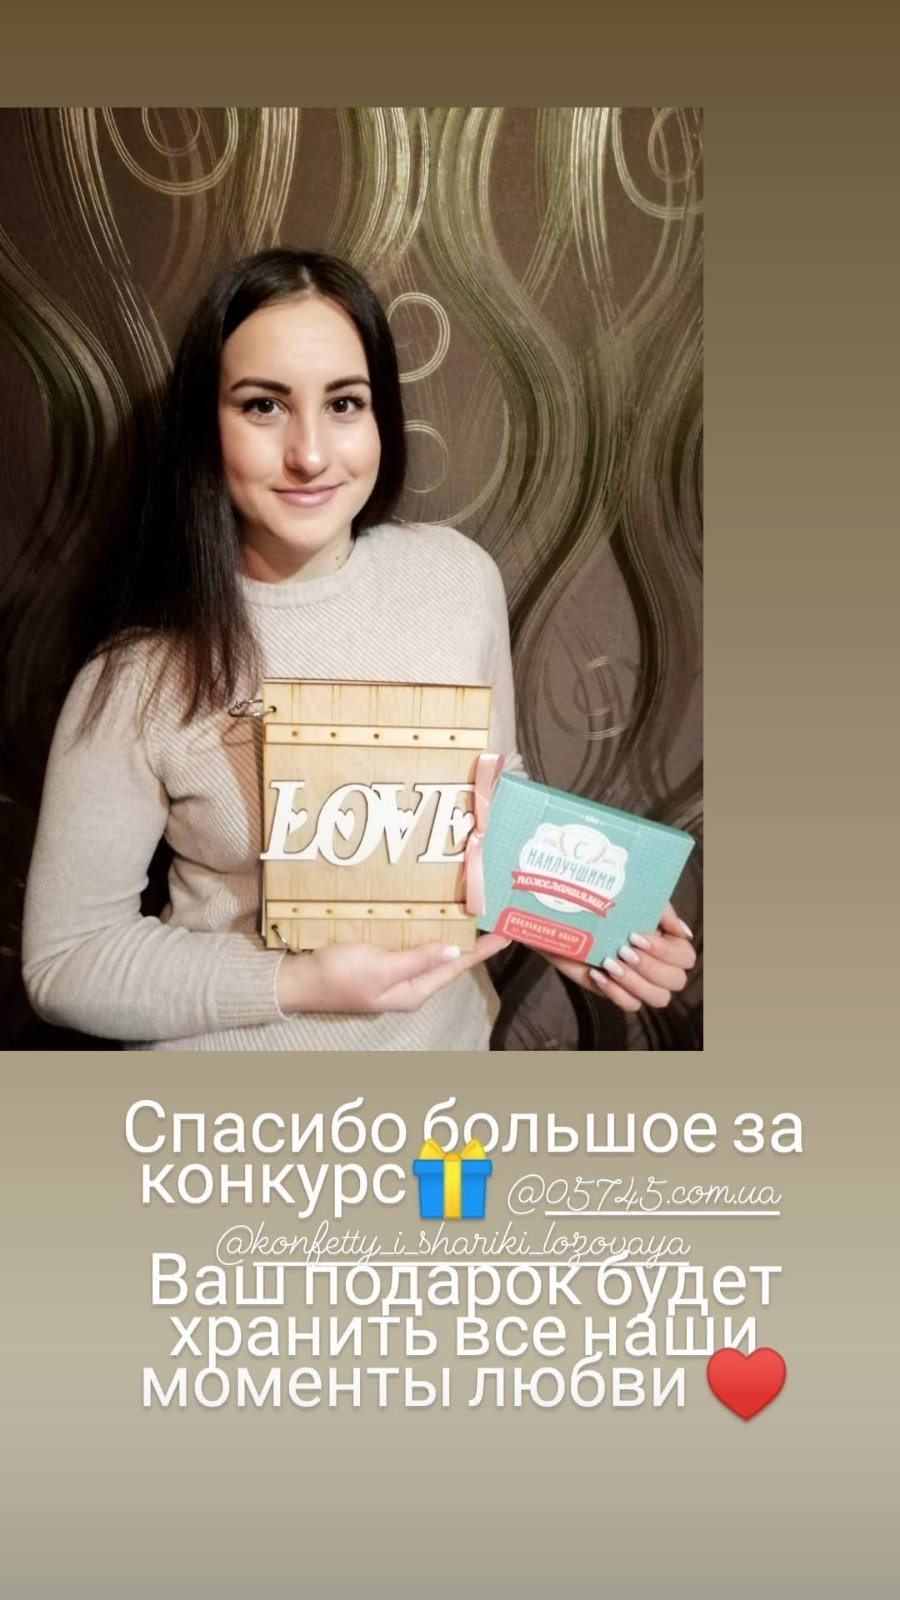 Лозівчани визначили переможців фотоконкурсу «Чарівна сила кохання», фото-3